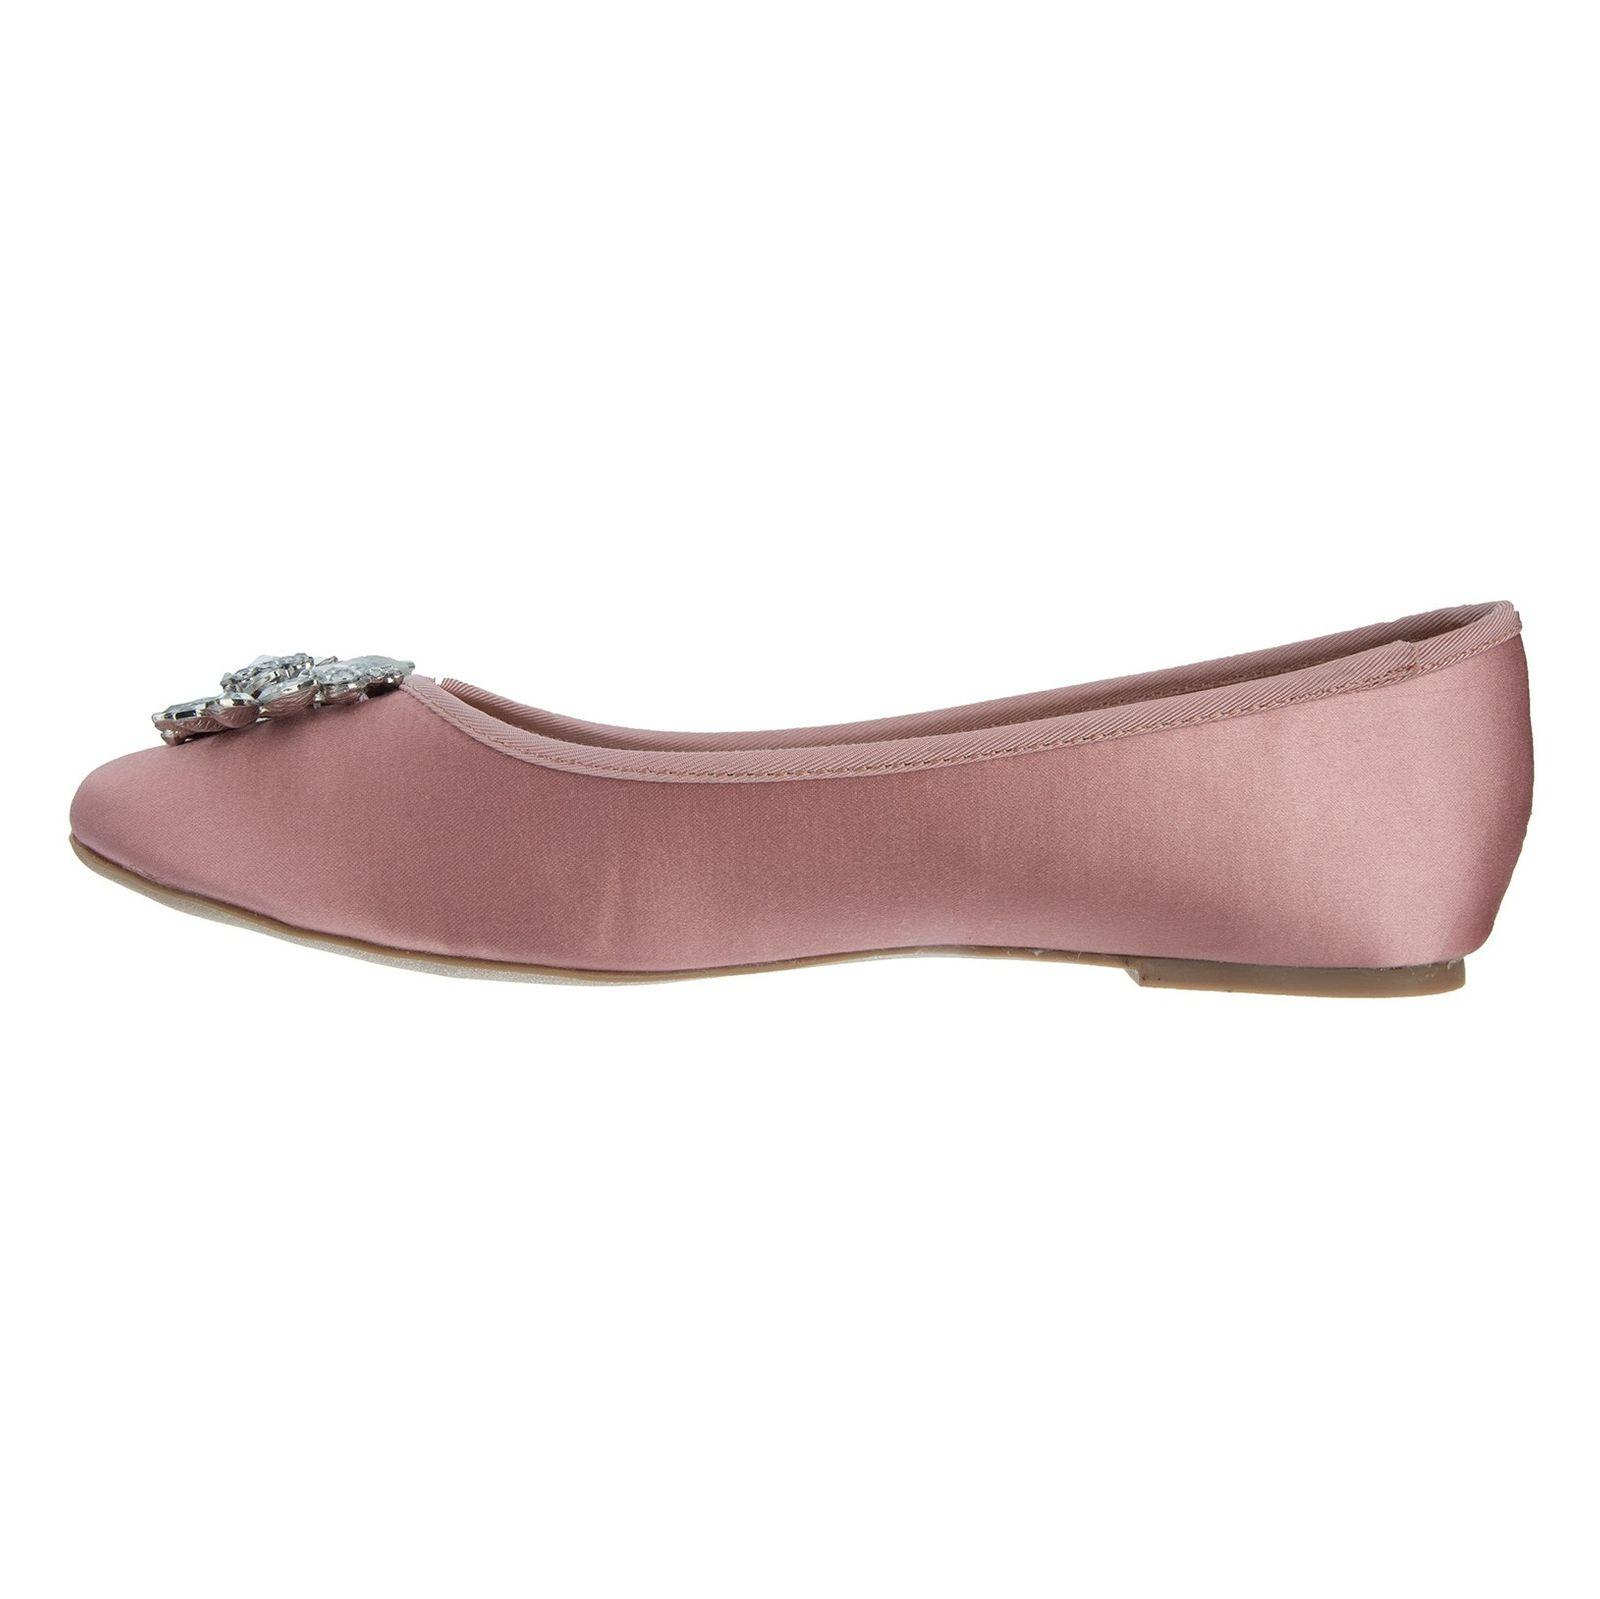 کفش تخت پارچه ای زنانه Hiya - دون لندن - صورتي - 3